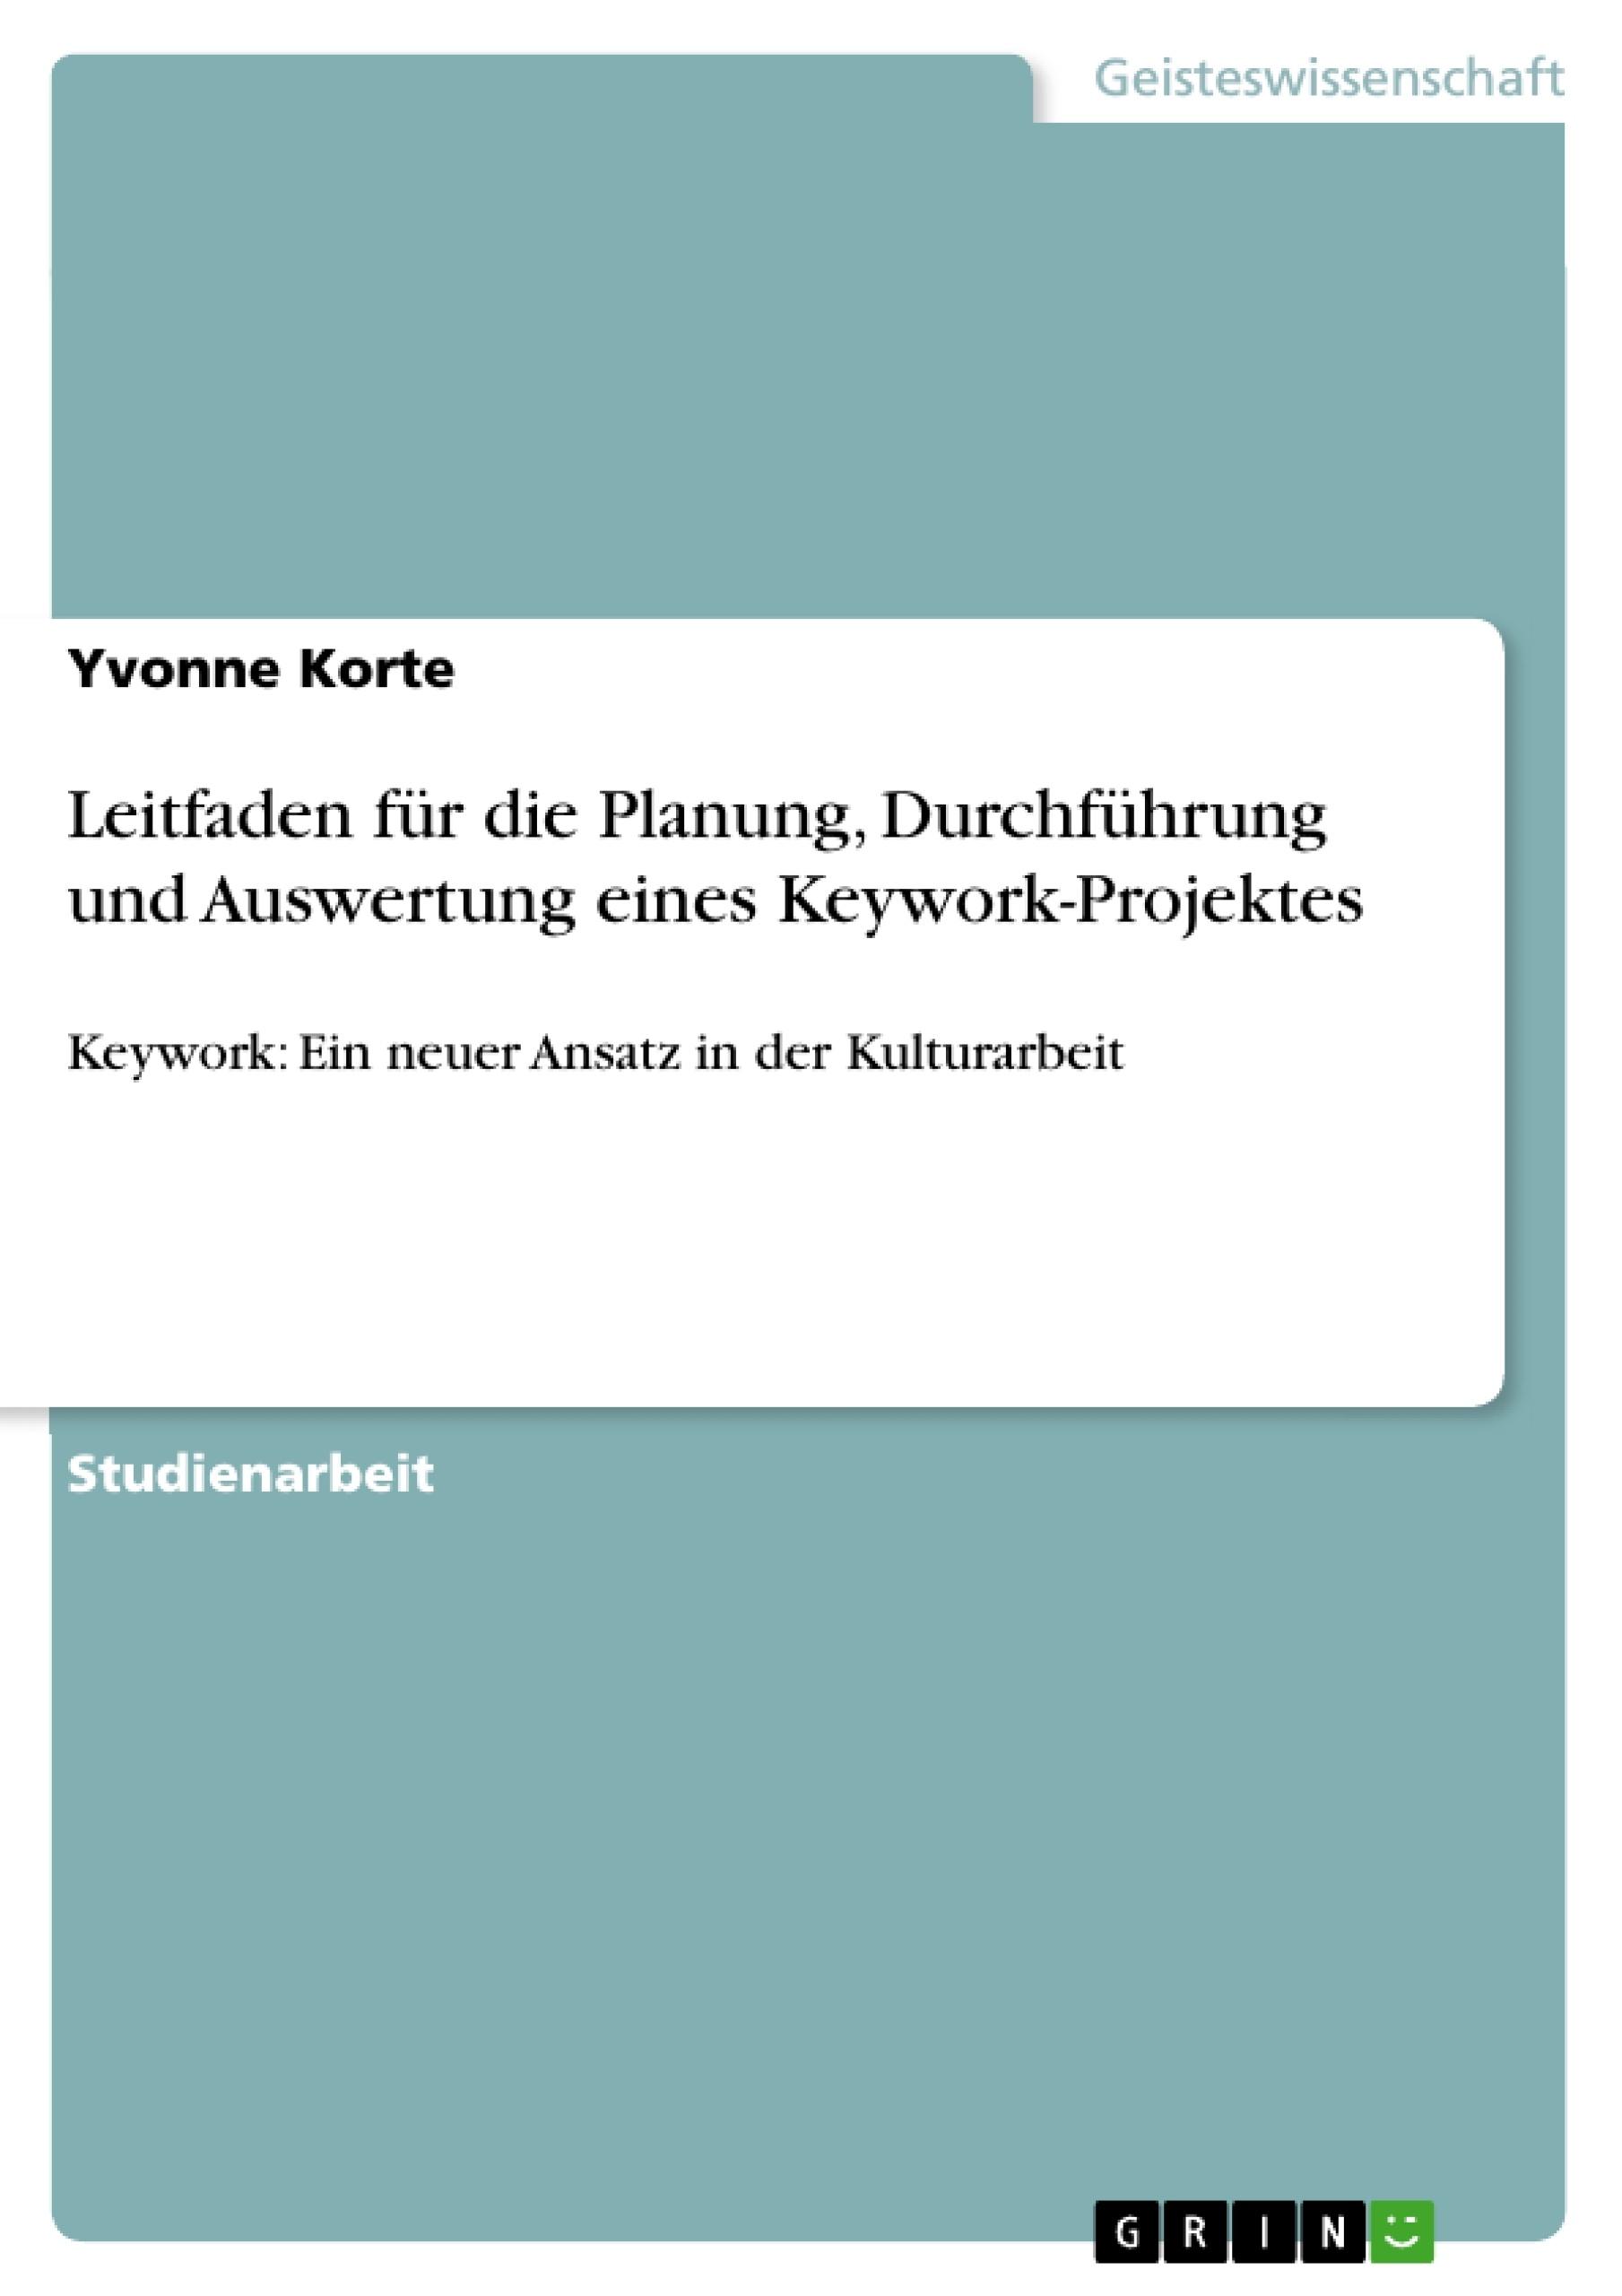 Titel: Leitfaden für die Planung, Durchführung und Auswertung eines Keywork-Projektes